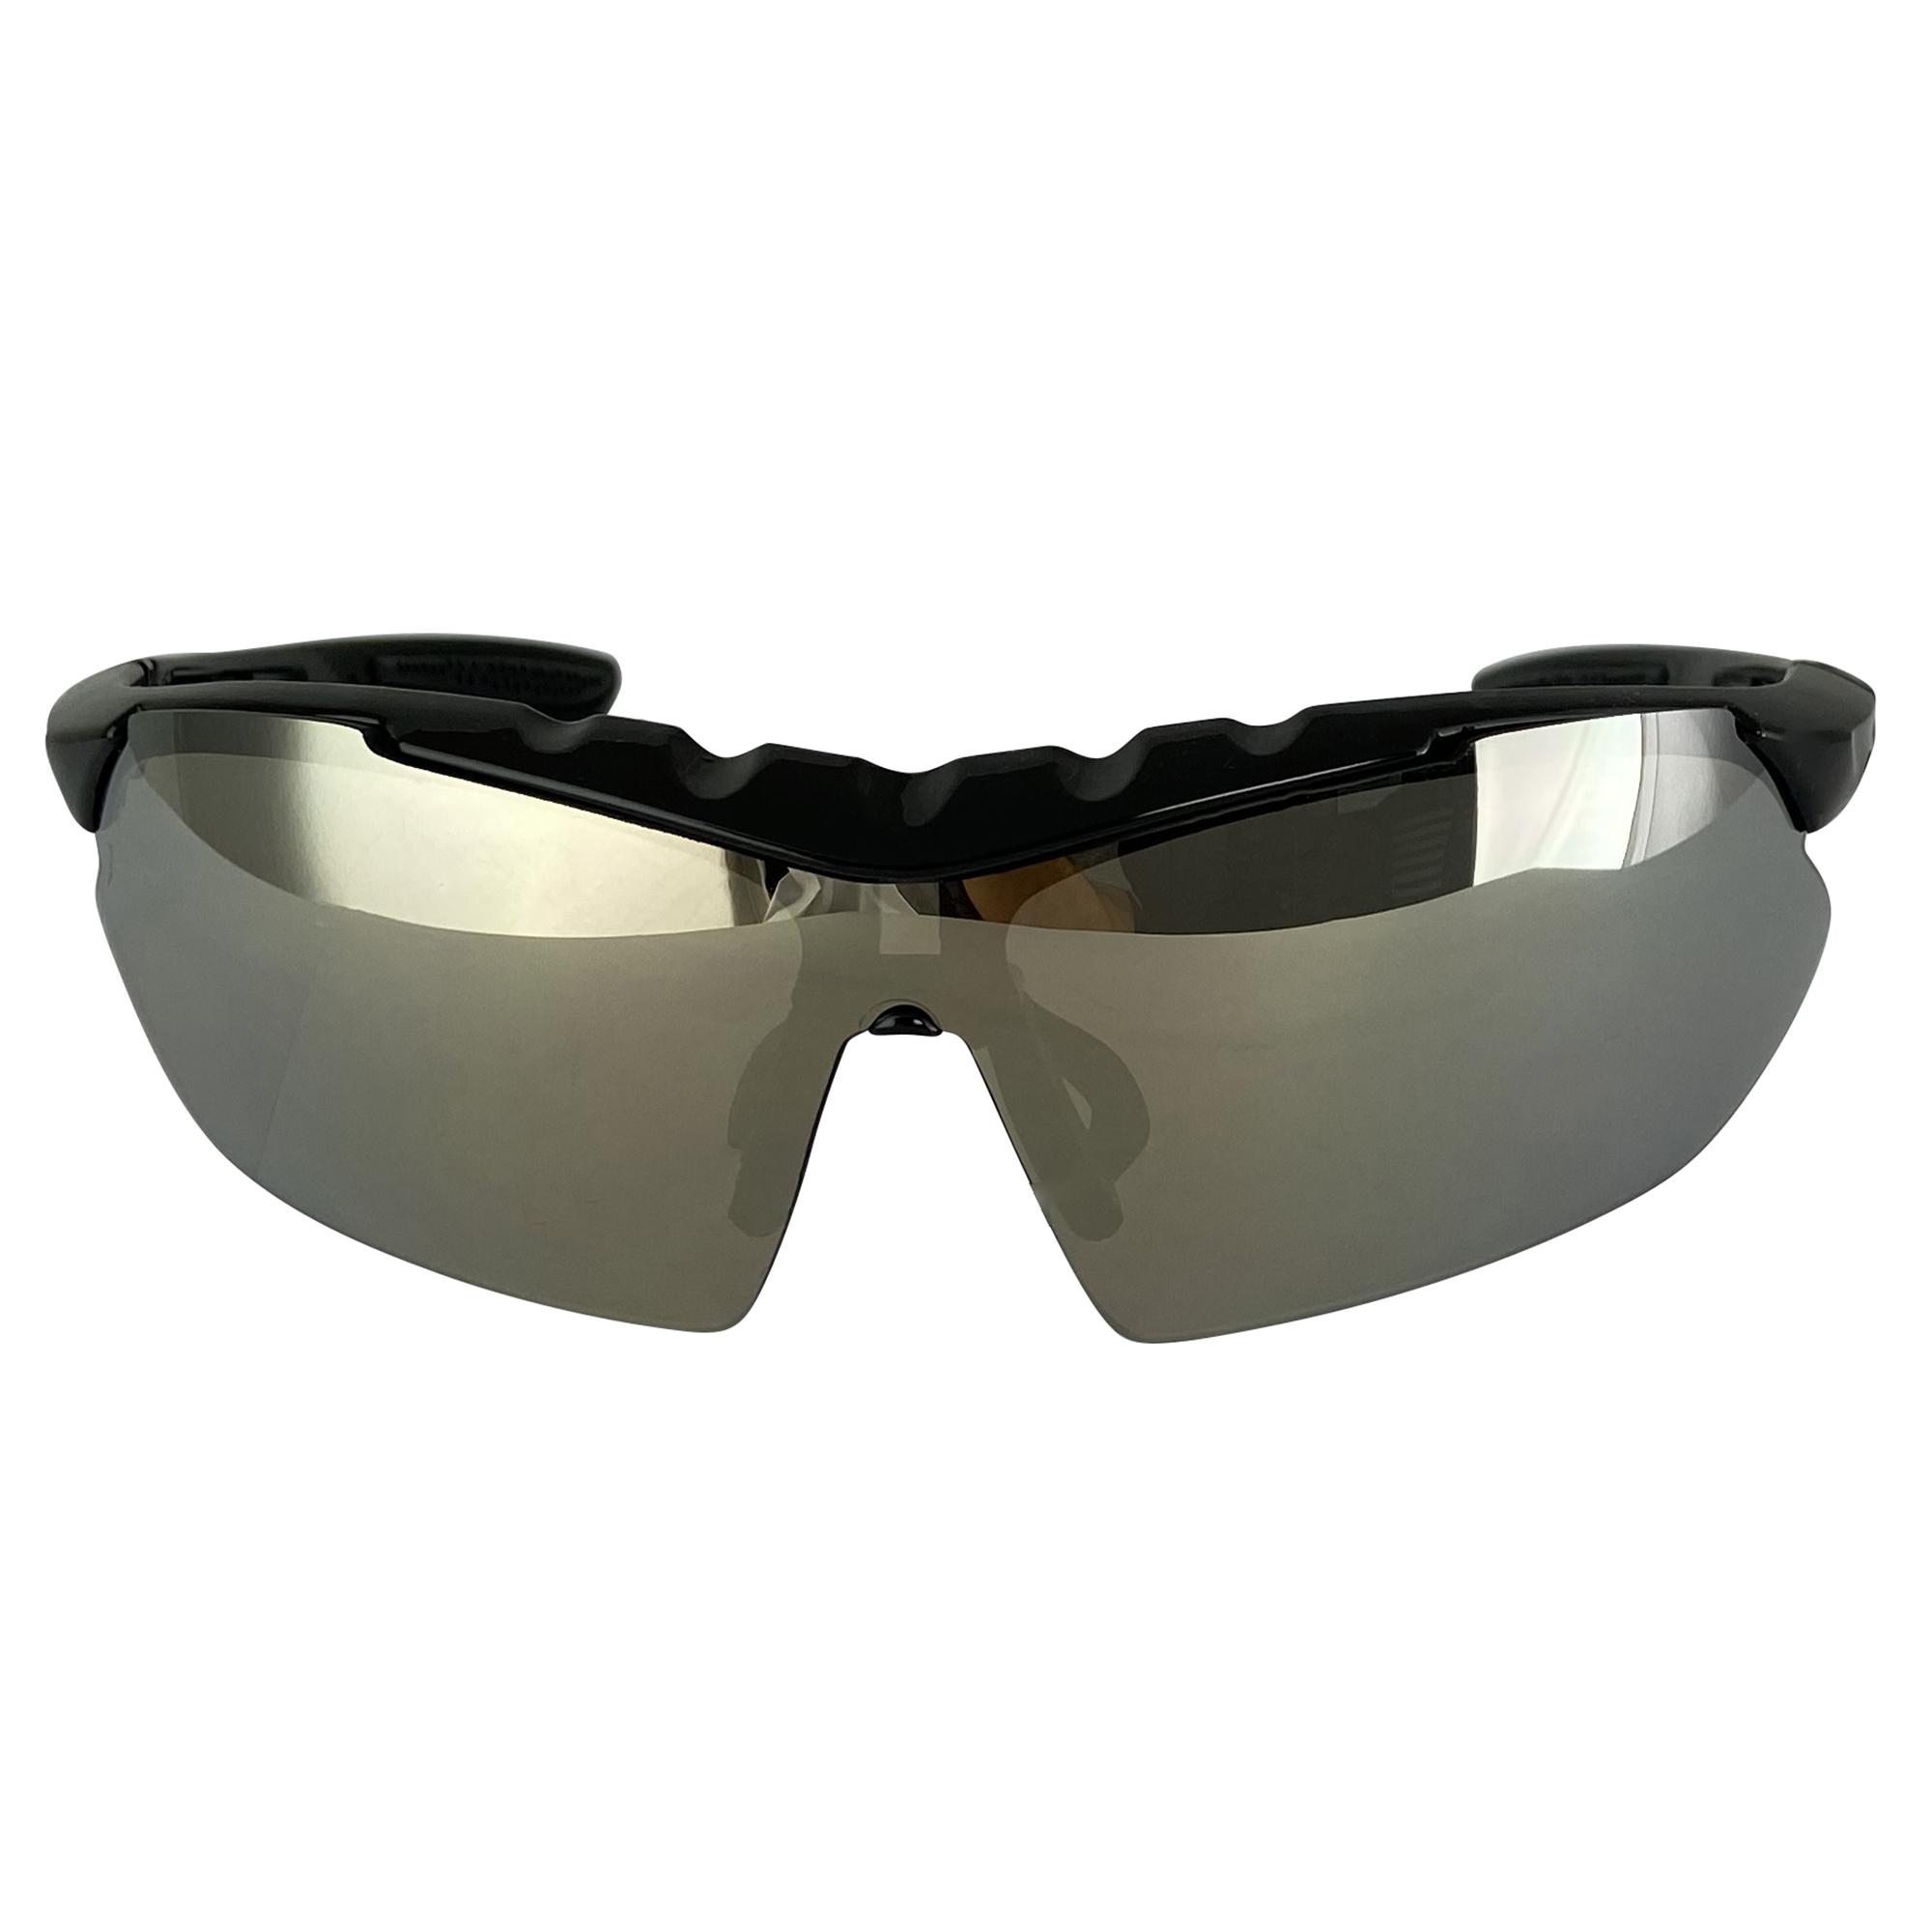 Sonnenbrille Sport Fahrrad Brille Sportstyle UV-400 Schutz CAT3 Unisex Herren Da